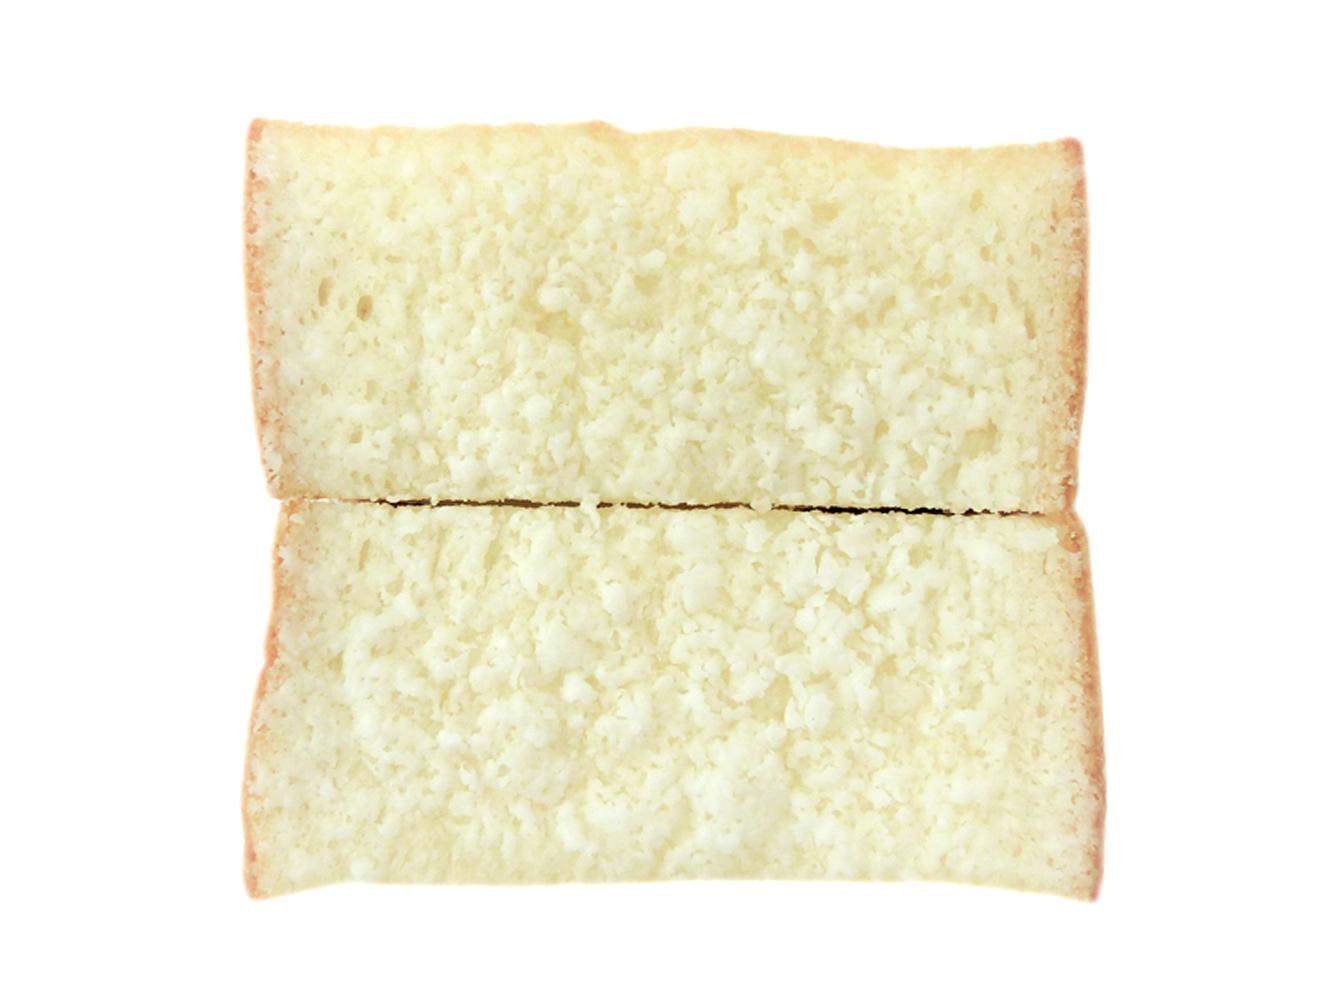 セブンプレミアム 塩バニラクリームサンド